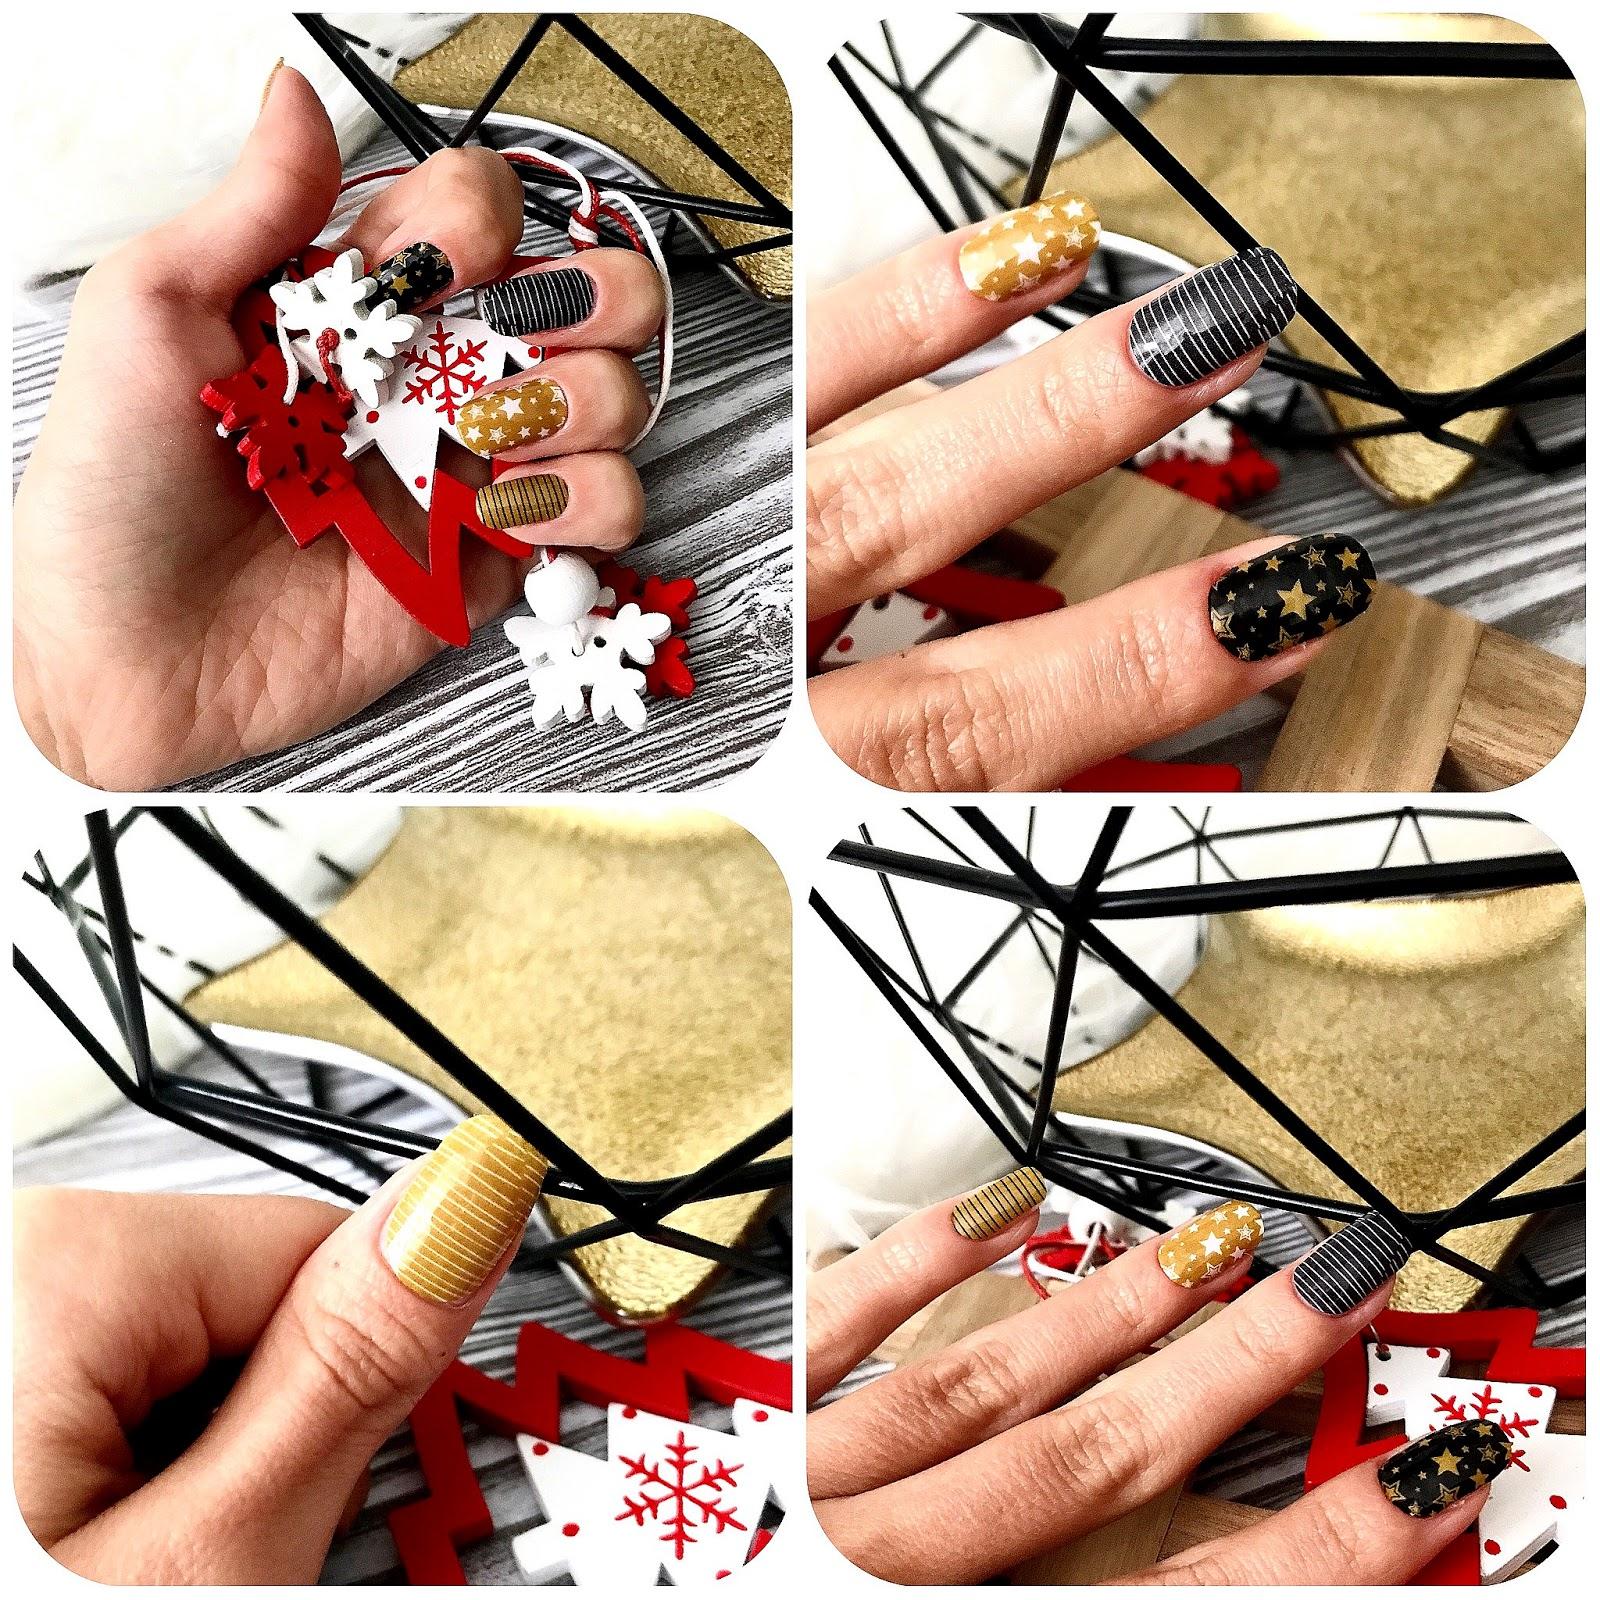 zdjęcie przedstawiające Manirouge Christmas Star na paznokciach